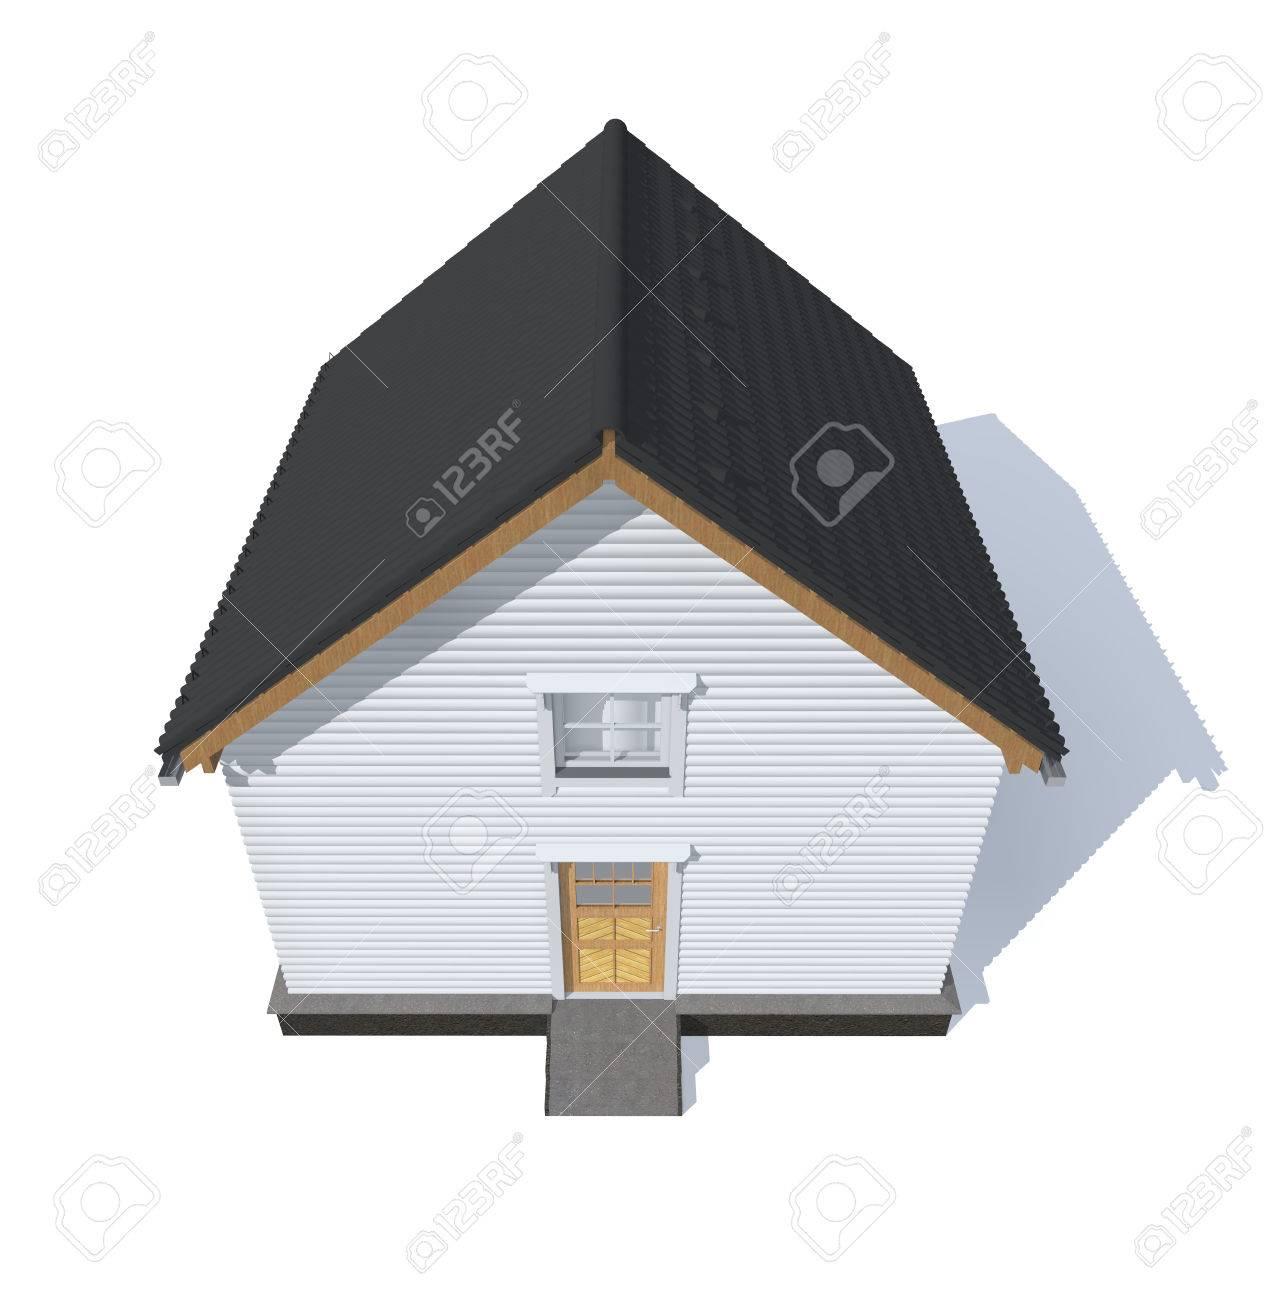 3D Architektur Modell Haus Grau Isoliert In Weiß Standard Bild   41470083